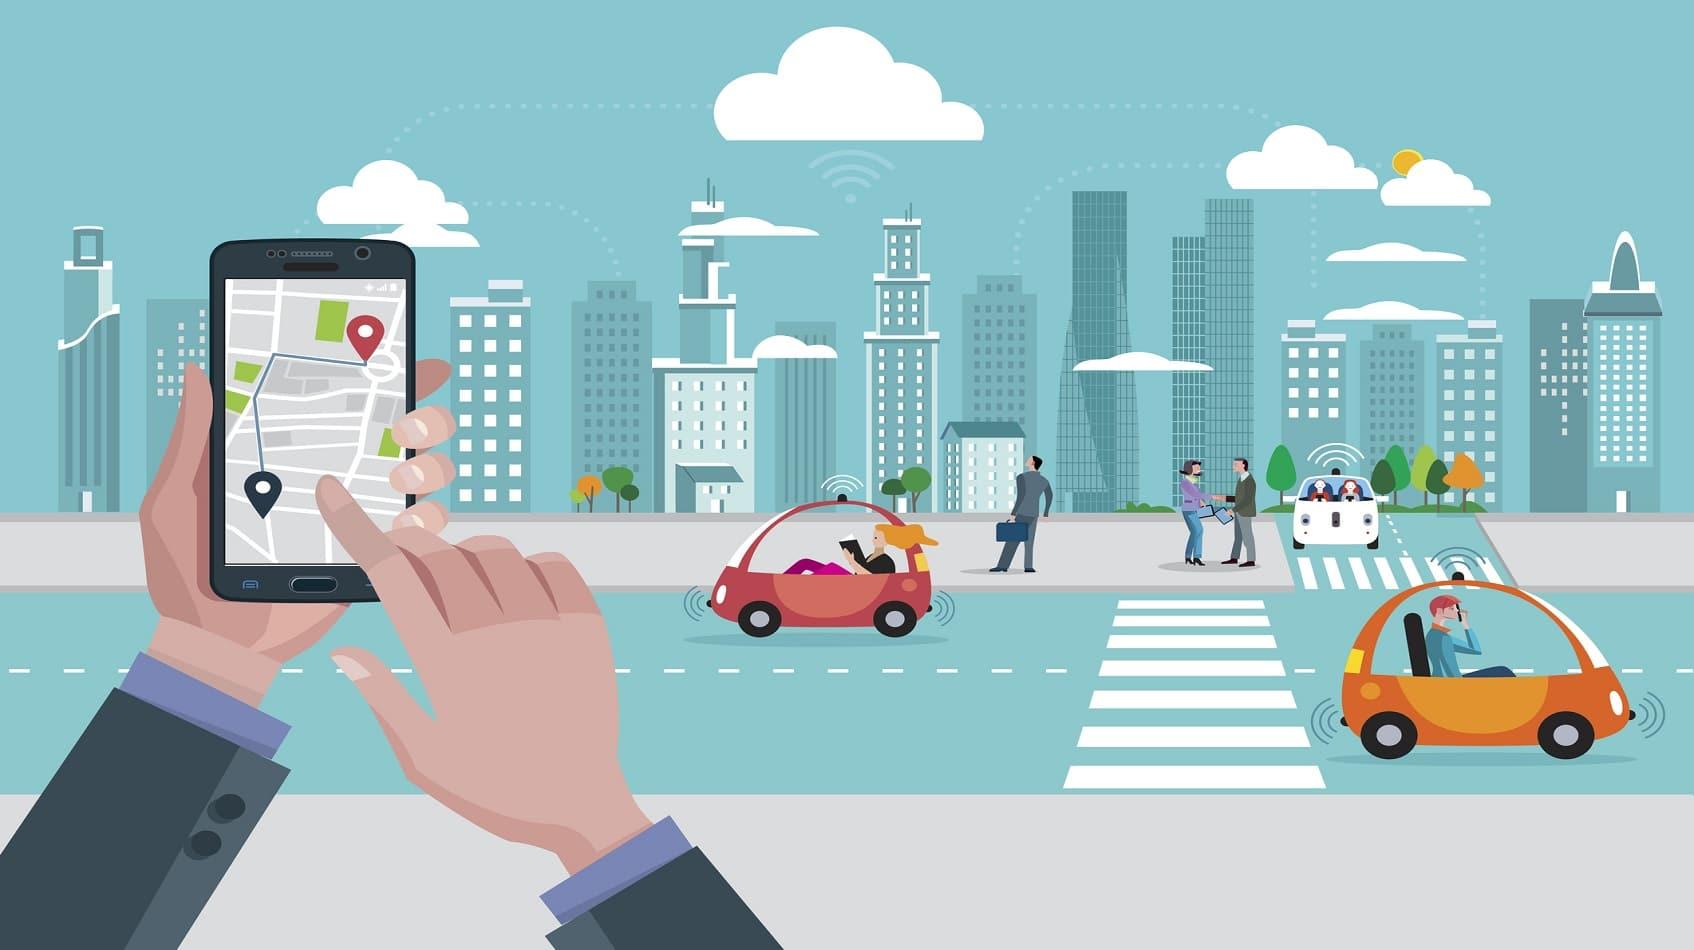 Réinventer la mobilité urbaine et périurbaine d'ici 2030 : Mobility Nation présente son livre blanc